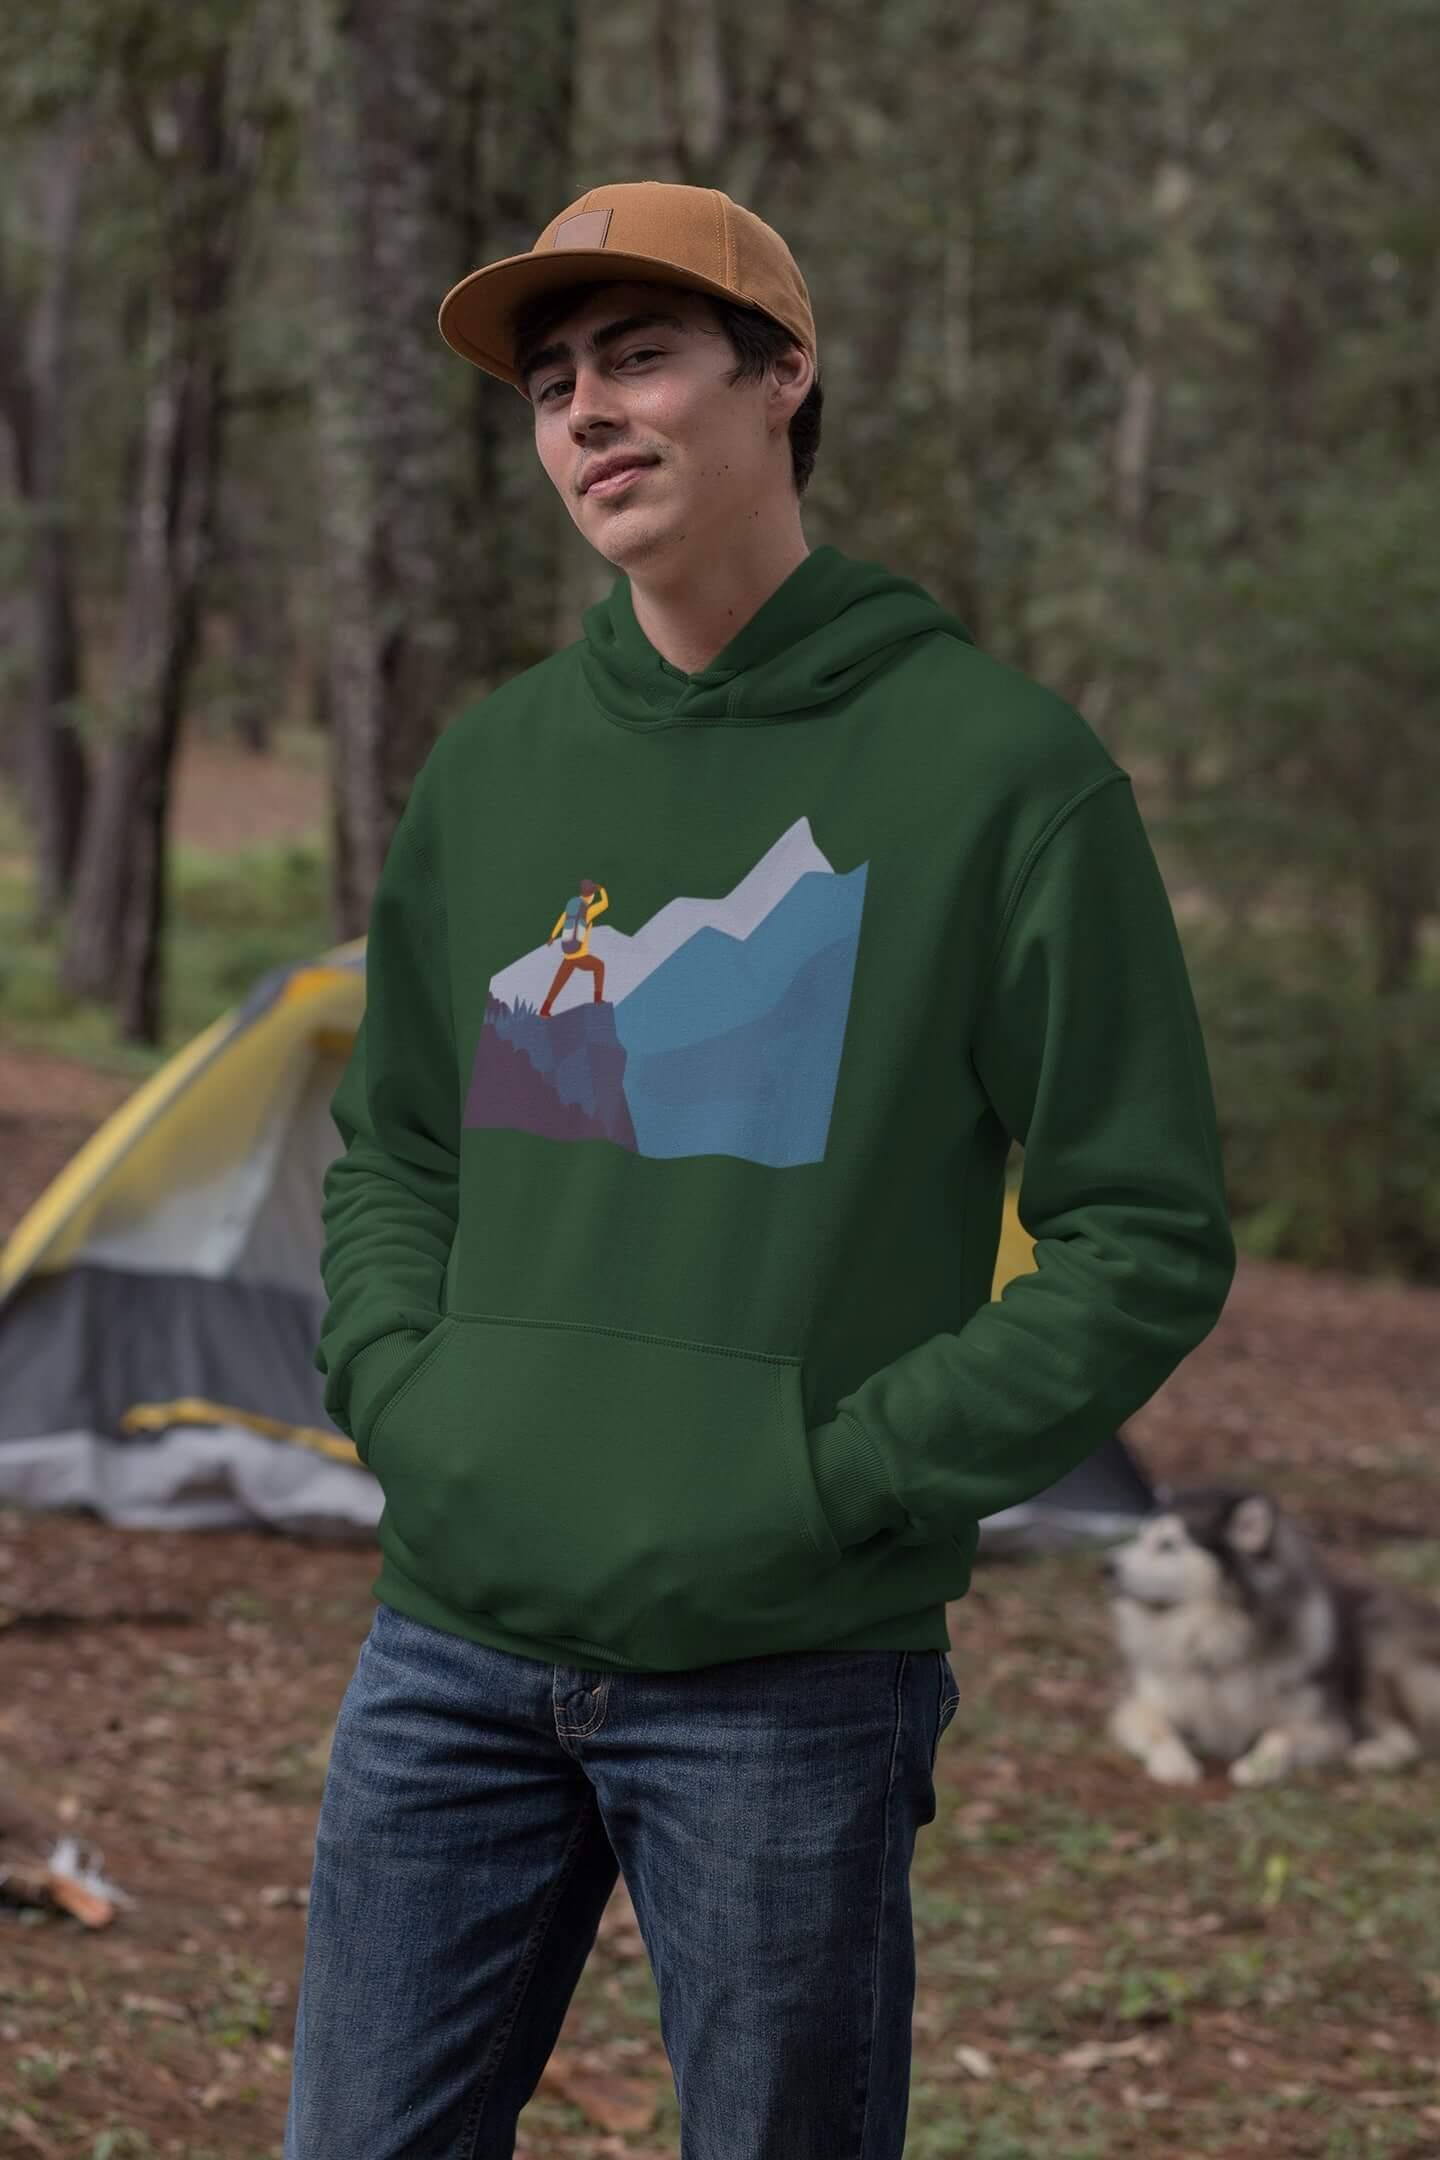 MMO Pánska mikina s kapucňou adventure Vyberte farbu: Fľaškovozelená, Vyberte veľkosť: XL